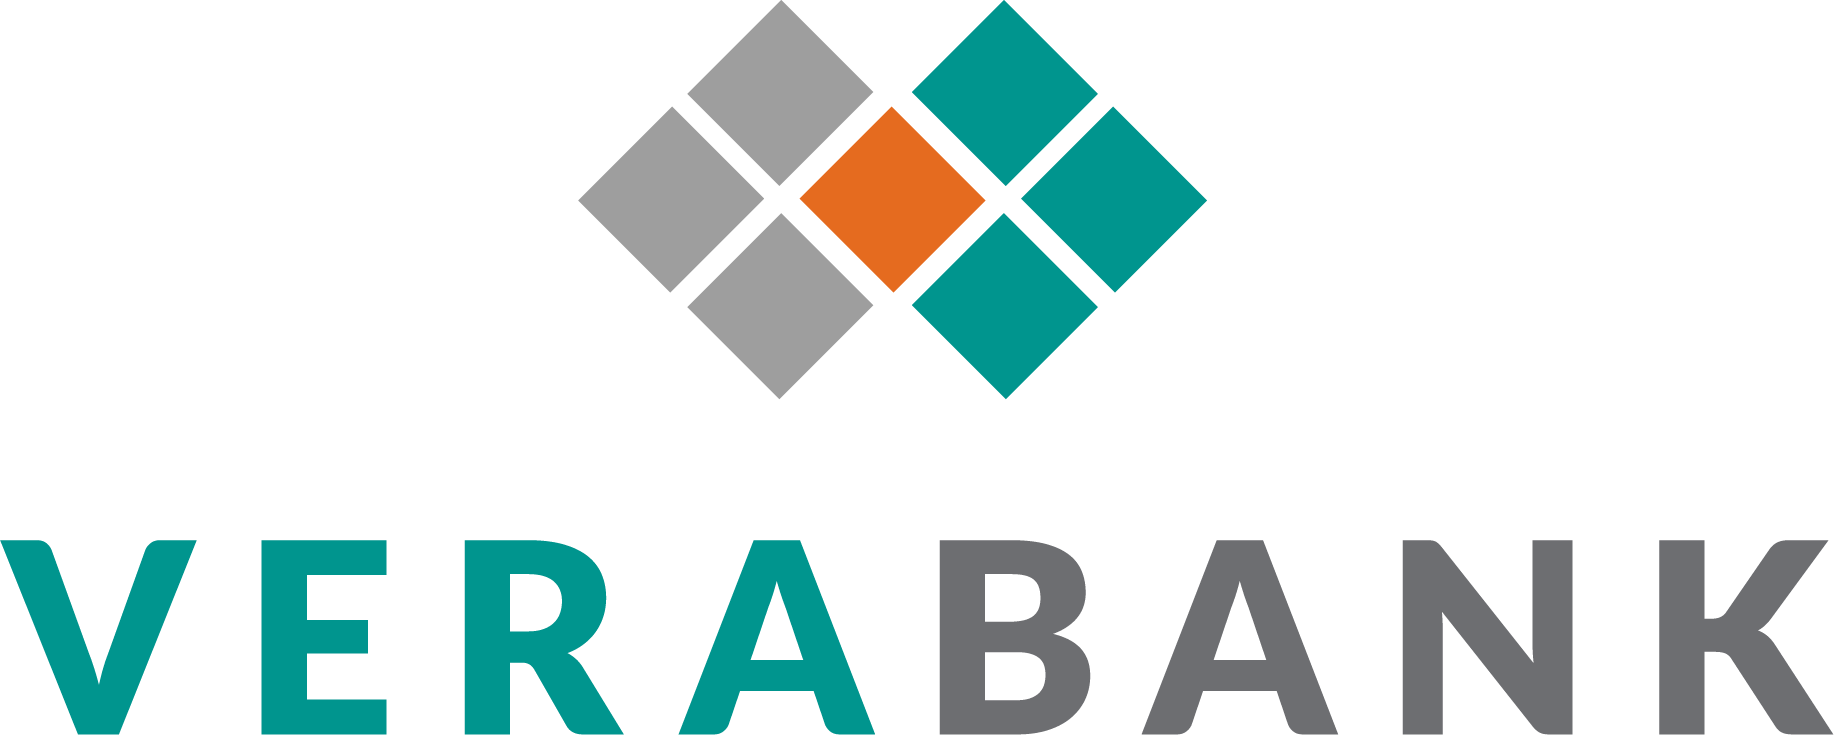 VB_Primary_Logo_RGB.PNG